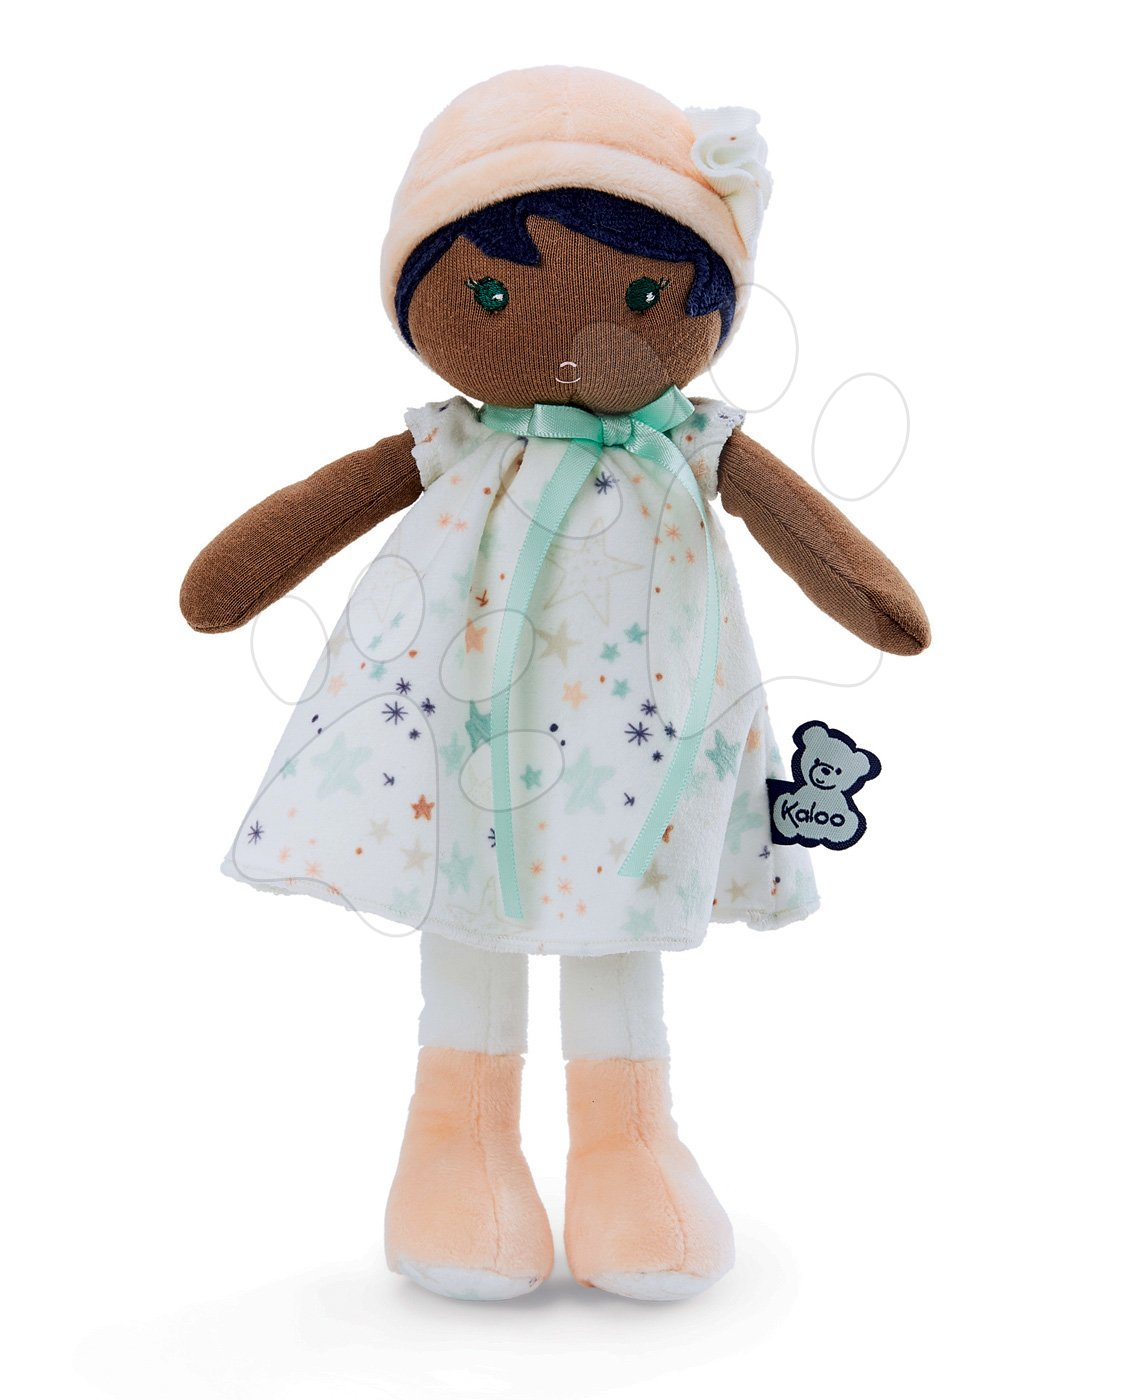 Panenka pro miminka Manon K Tendresse Kaloo 32 cm v hvězdičkových šatech z jemného textilu v dárkovém balení od 0 měsíců